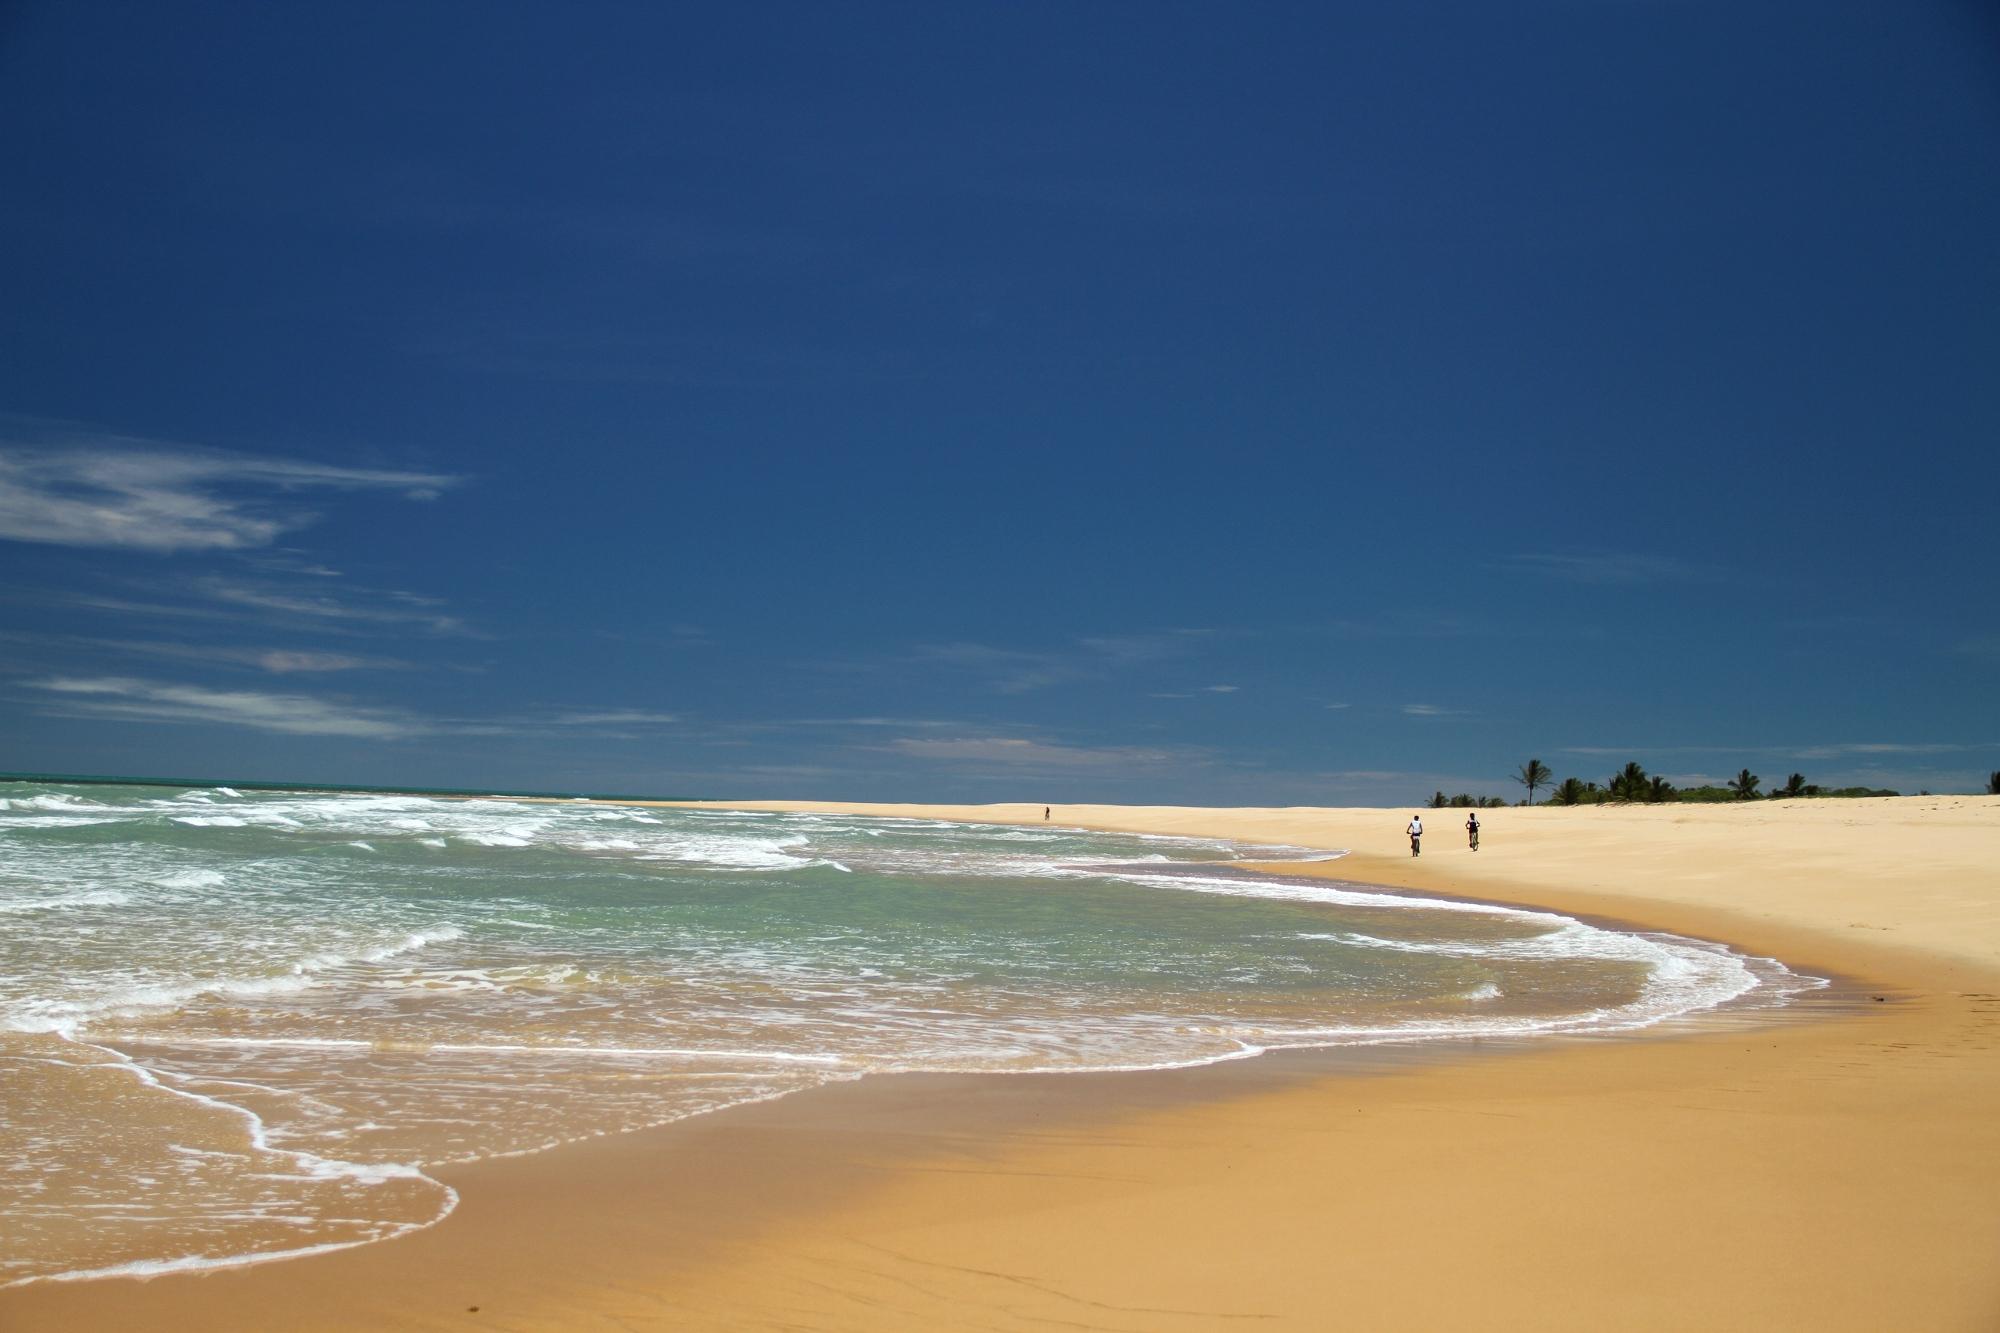 Itaquena, uma das praias do roteiro de bicicleta, entre Trancoso e a Praia do Espelho (foto: Eduardo Vessoni)